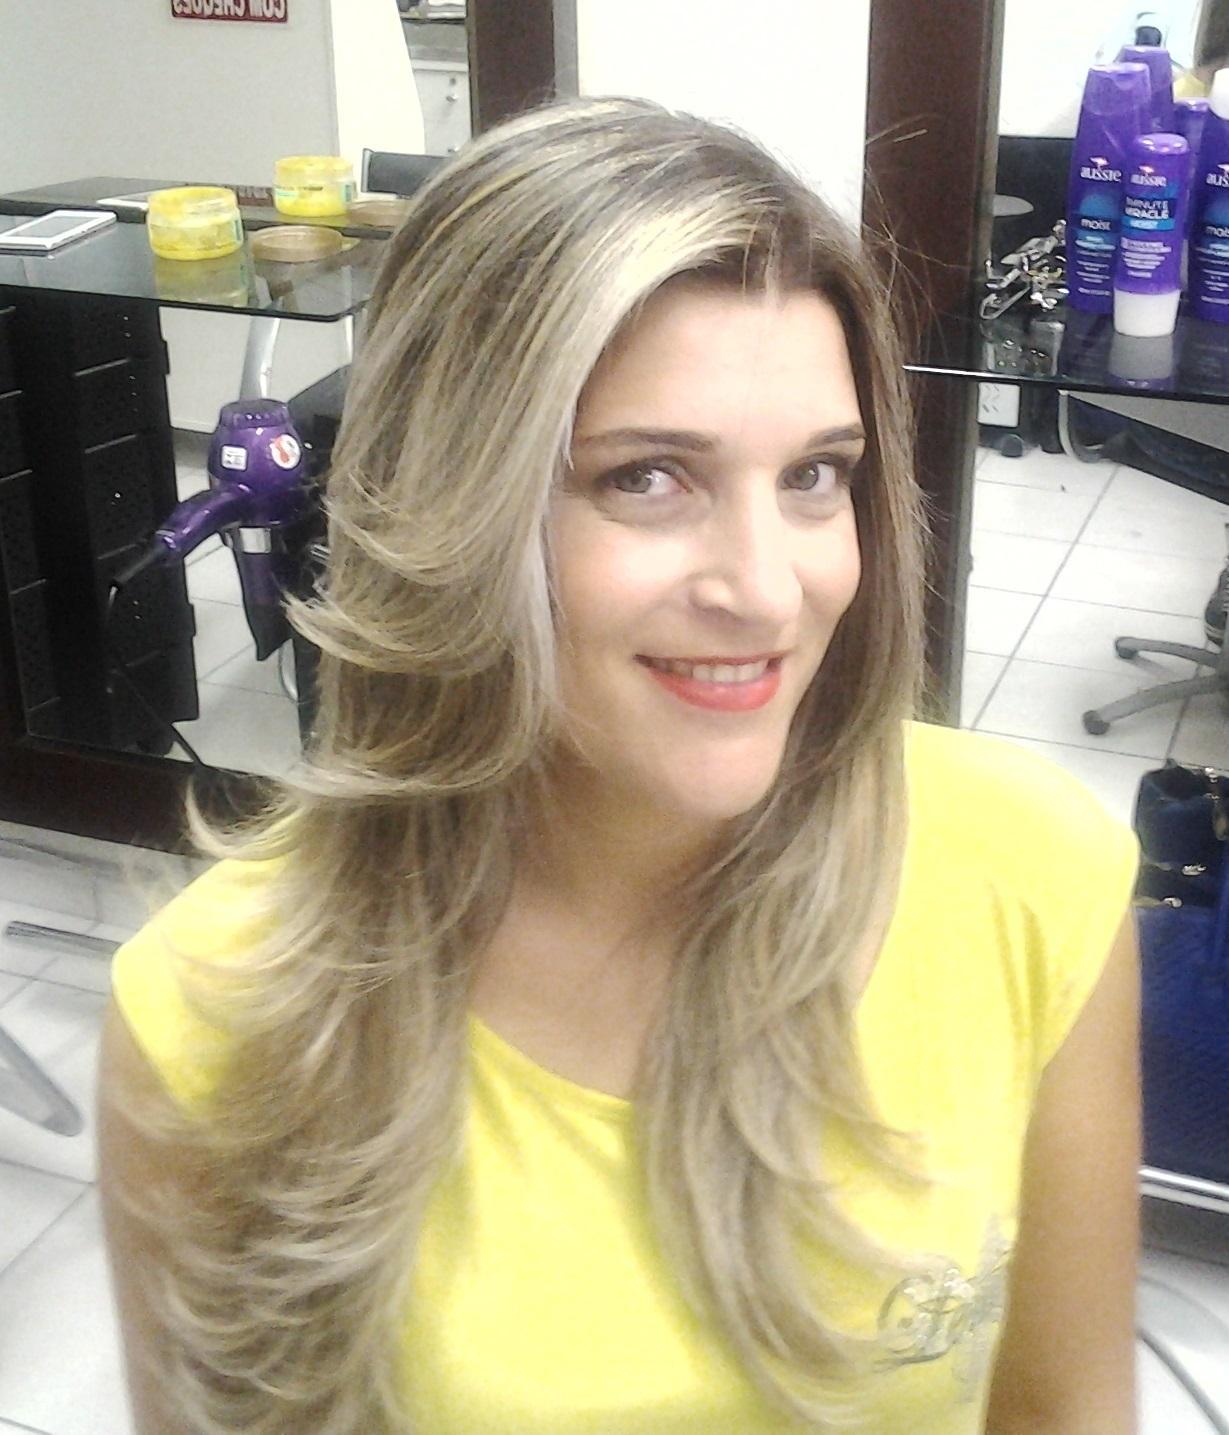 mechas corte e escova cabeleireiro(a) massoterapeuta barbeiro(a) aromaterapeuta depilador(a) designer de sobrancelhas esteticista massagista stylist terapeuta visagista docente / professor(a) supervisor(a)